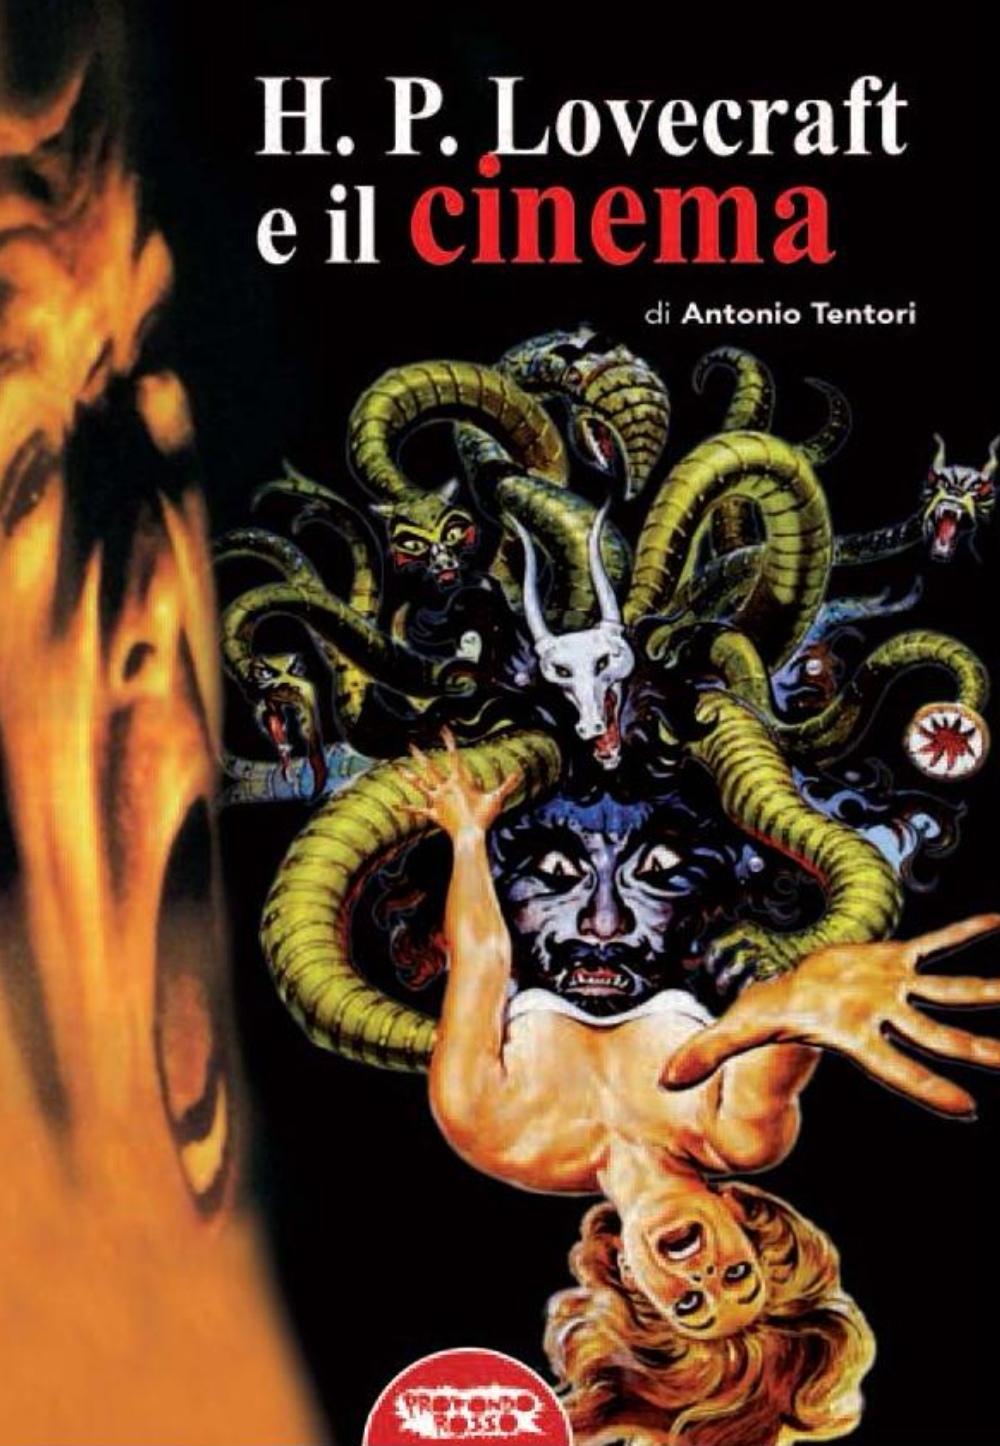 H. P. Lovecraft e il cinema